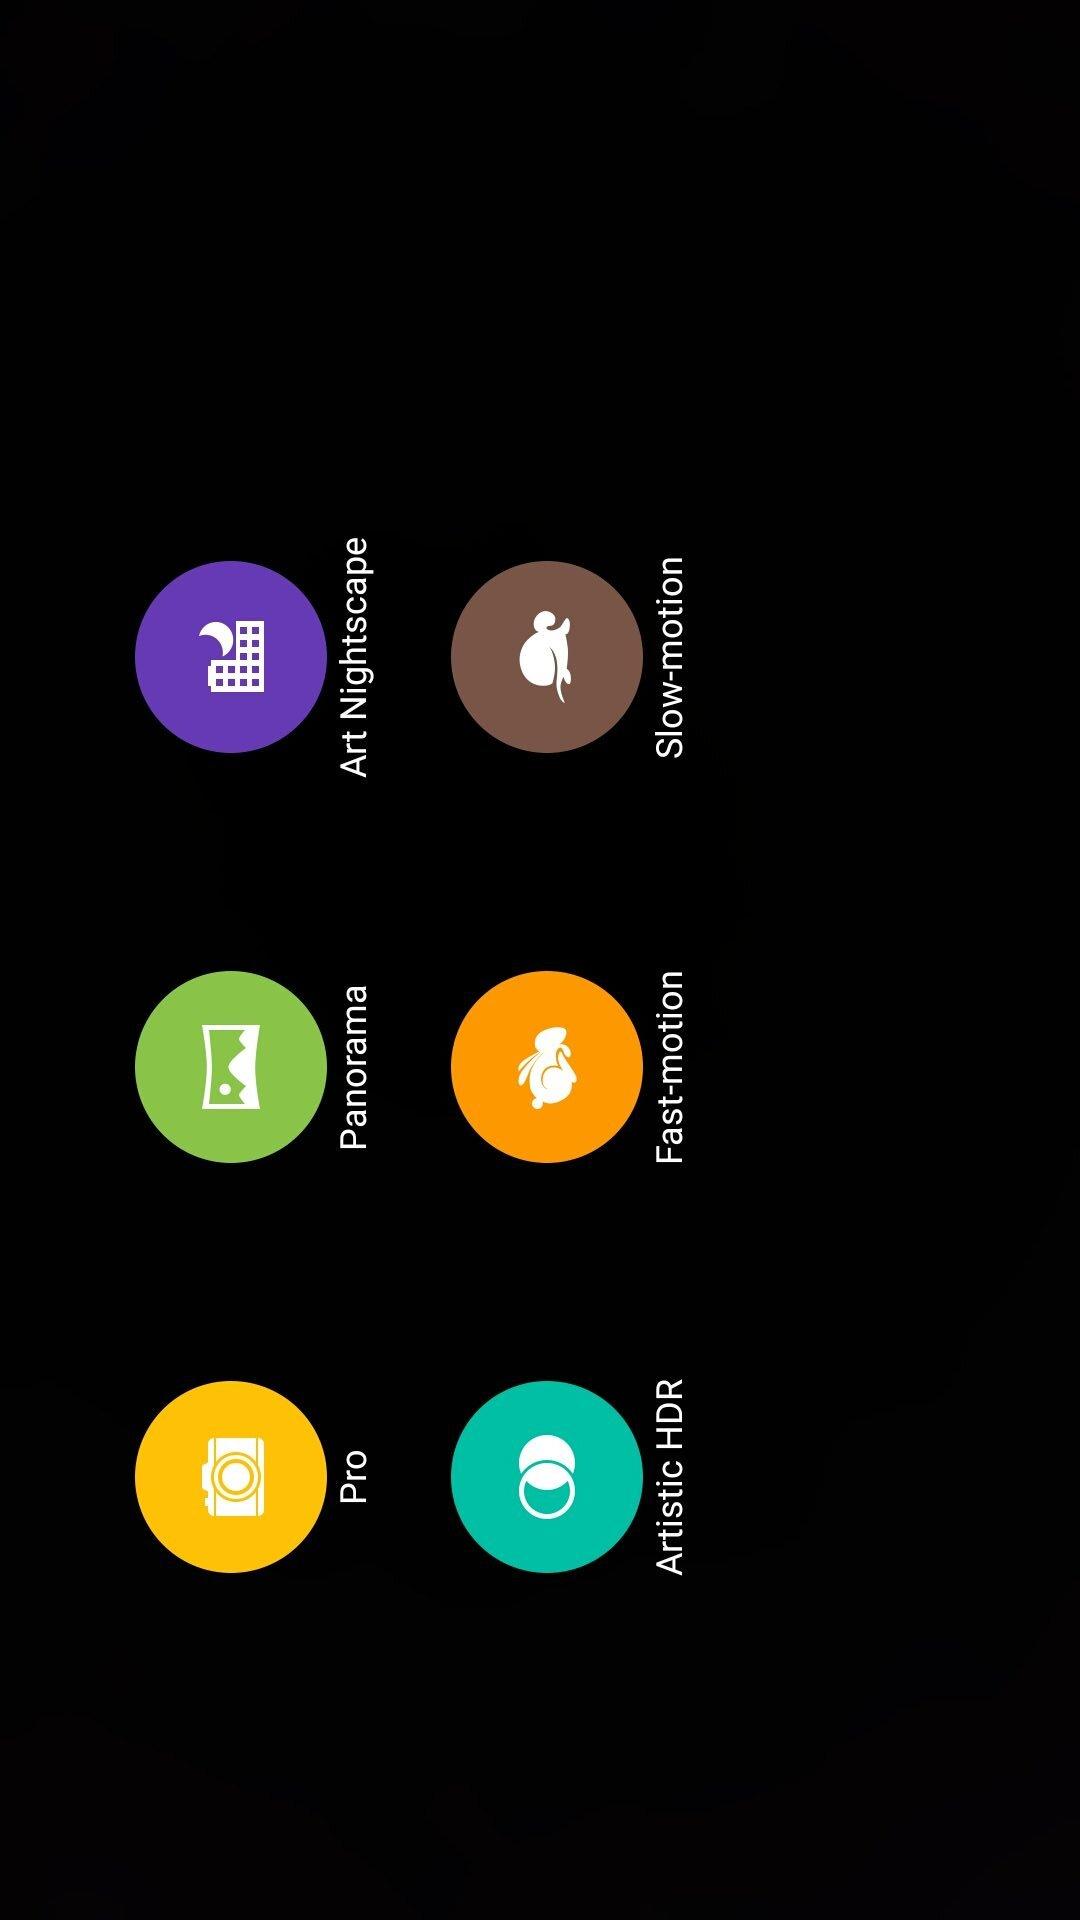 Screenshot 2017 01 23 16 00 42 065 e1485883538690 rotated